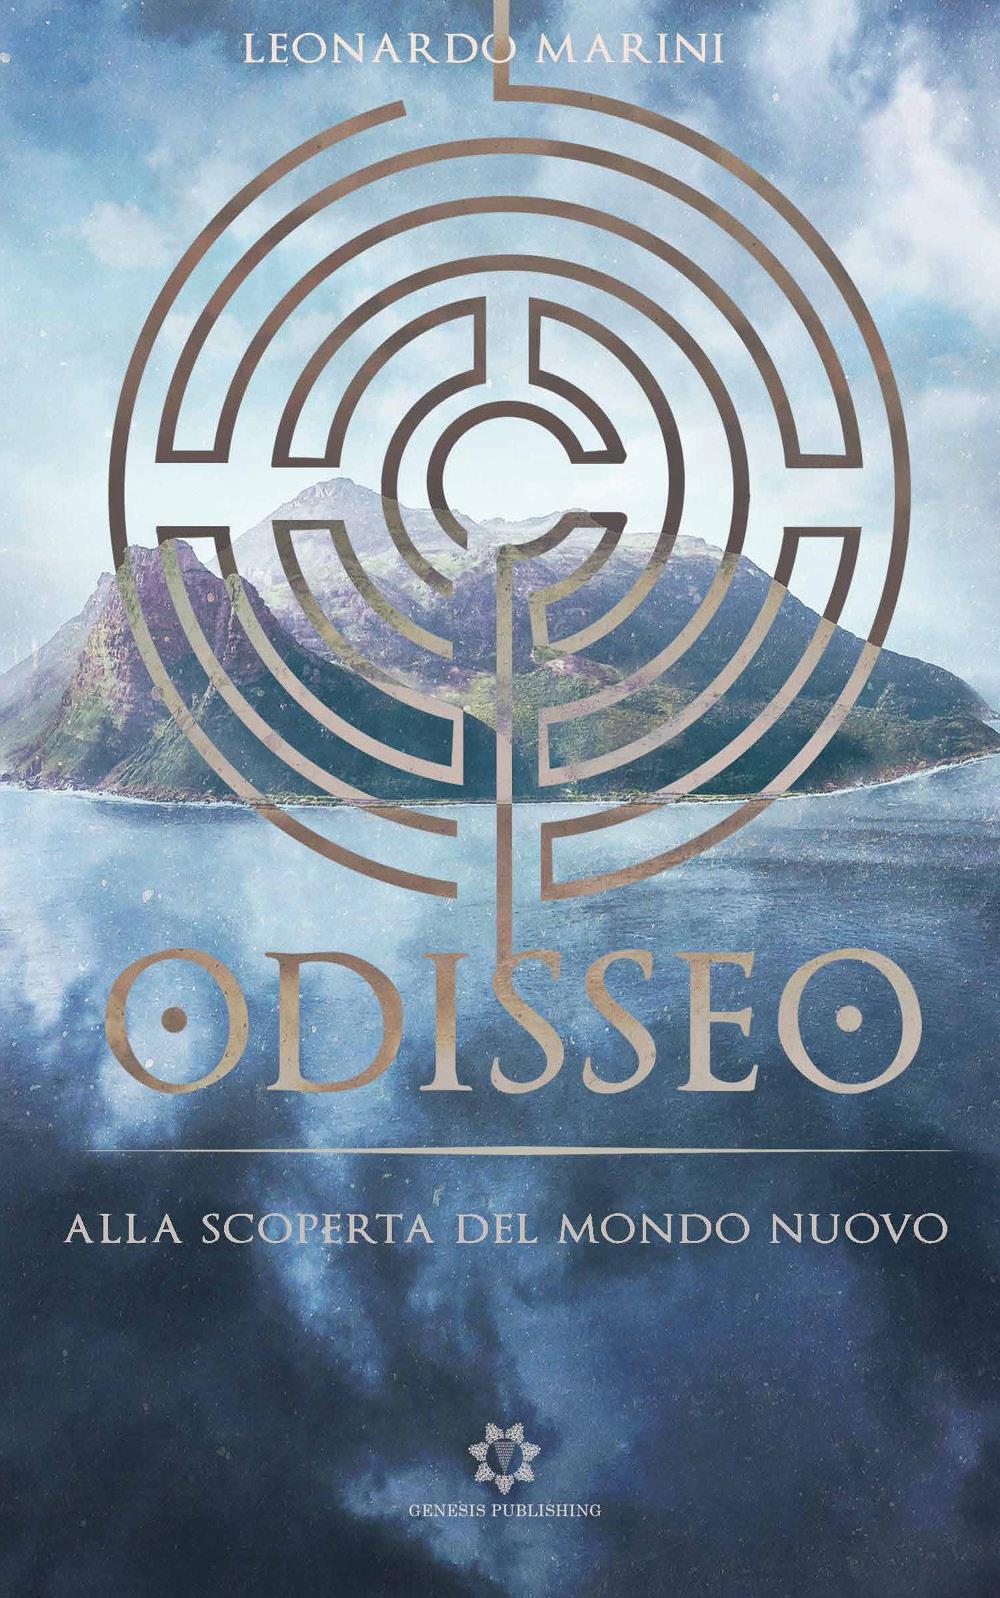 Odisseo - Alla scoperta del Mondo Nuovo